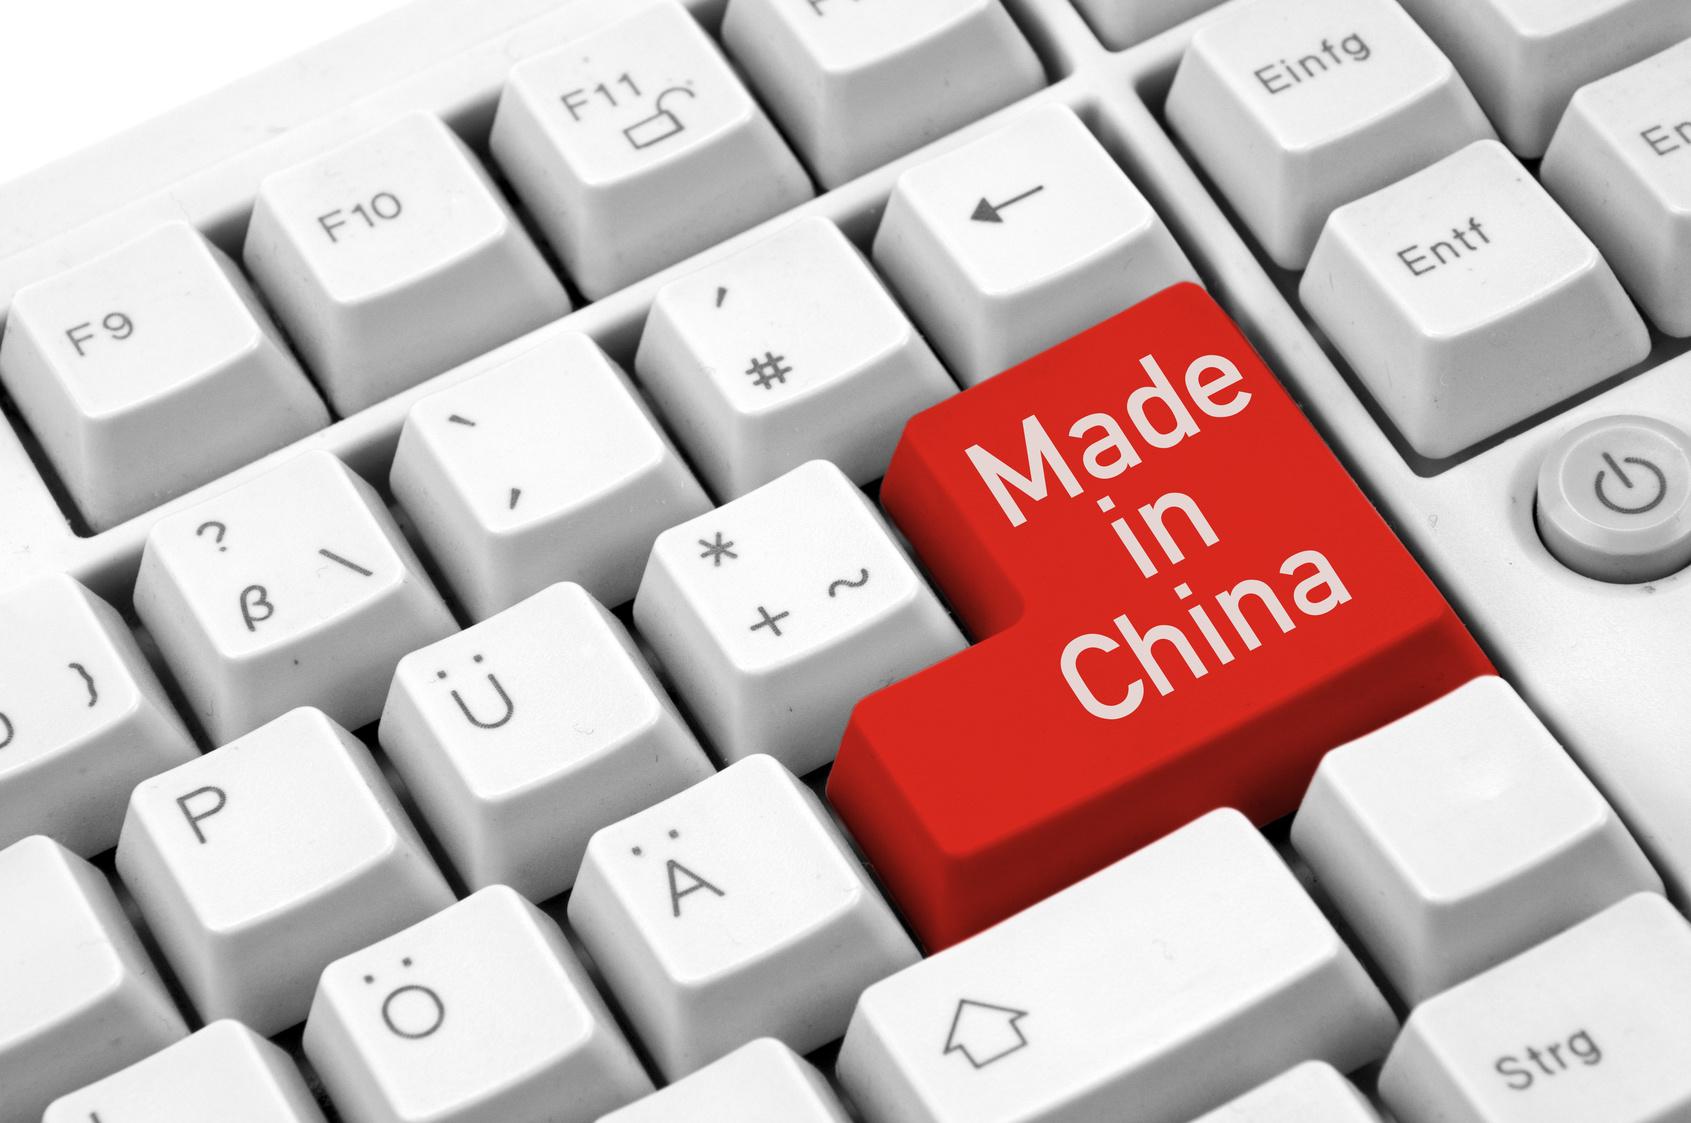 Les géants du Web chinois : plagiat ou innovation ?